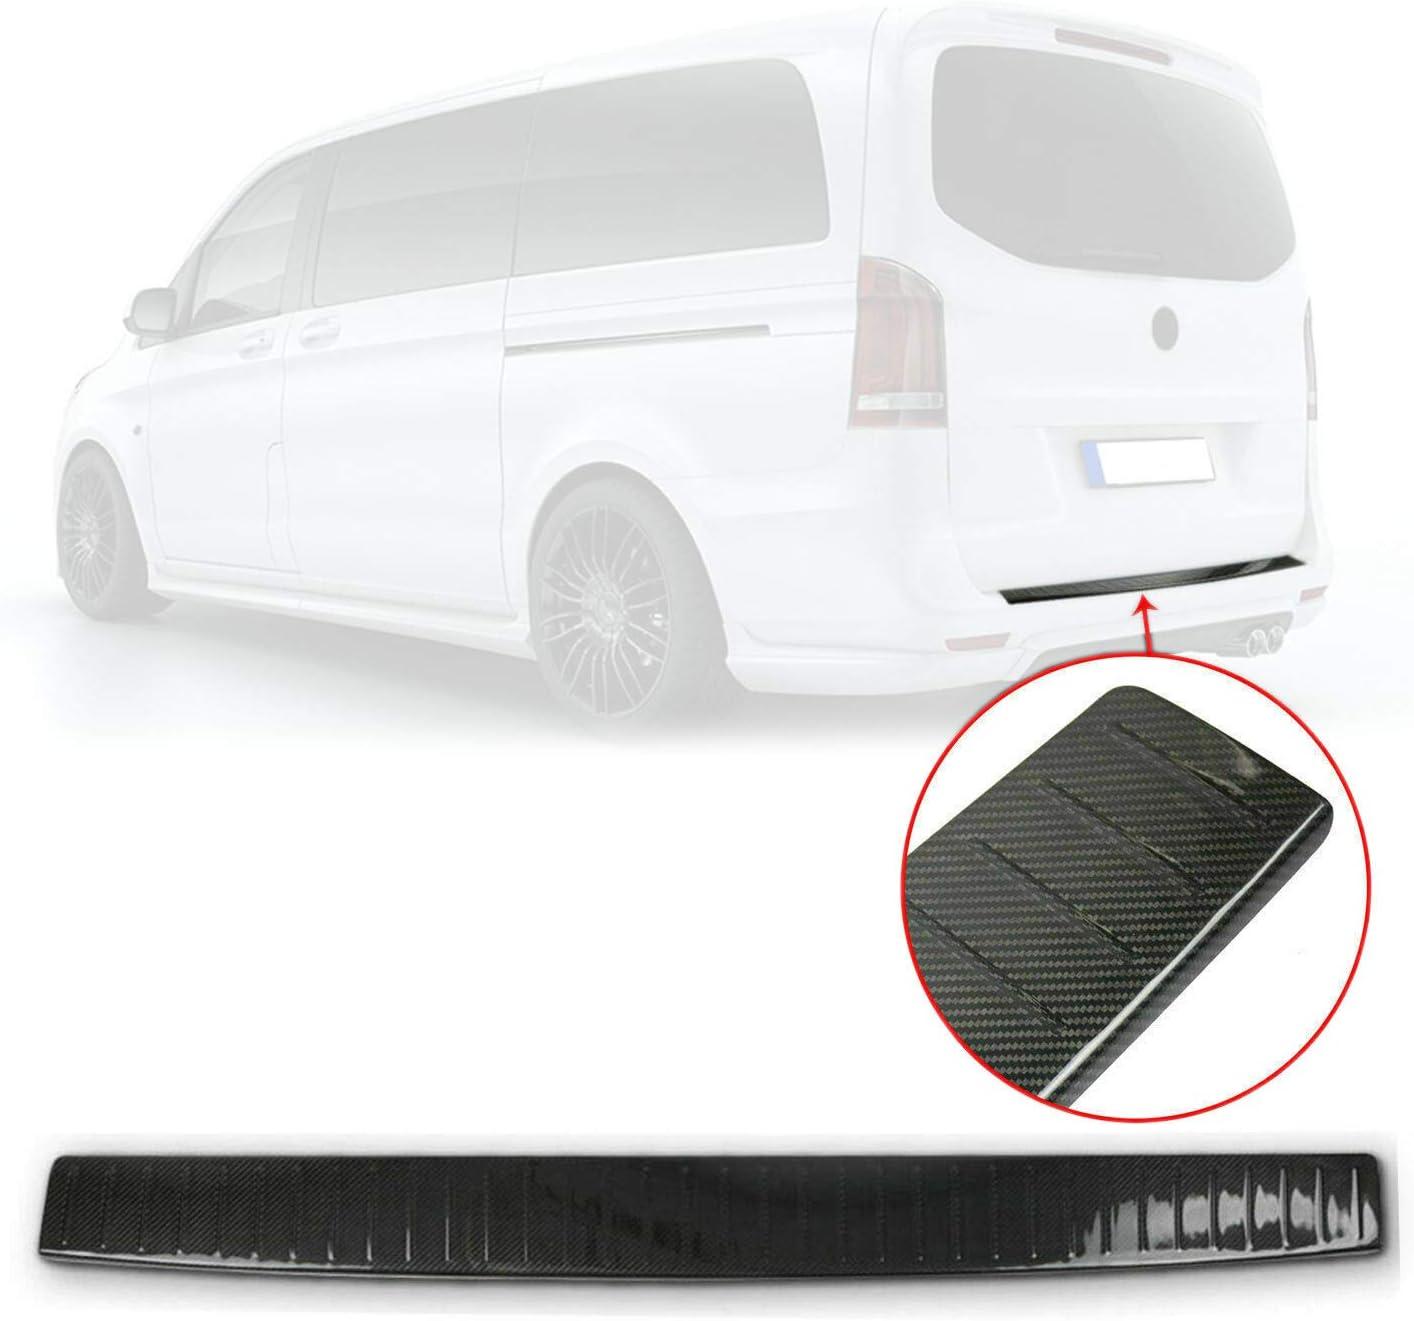 Ladekantenschutz Stoßstangenschutz Für Vito W447 2014 2020 Aus Echt Carbon Auto